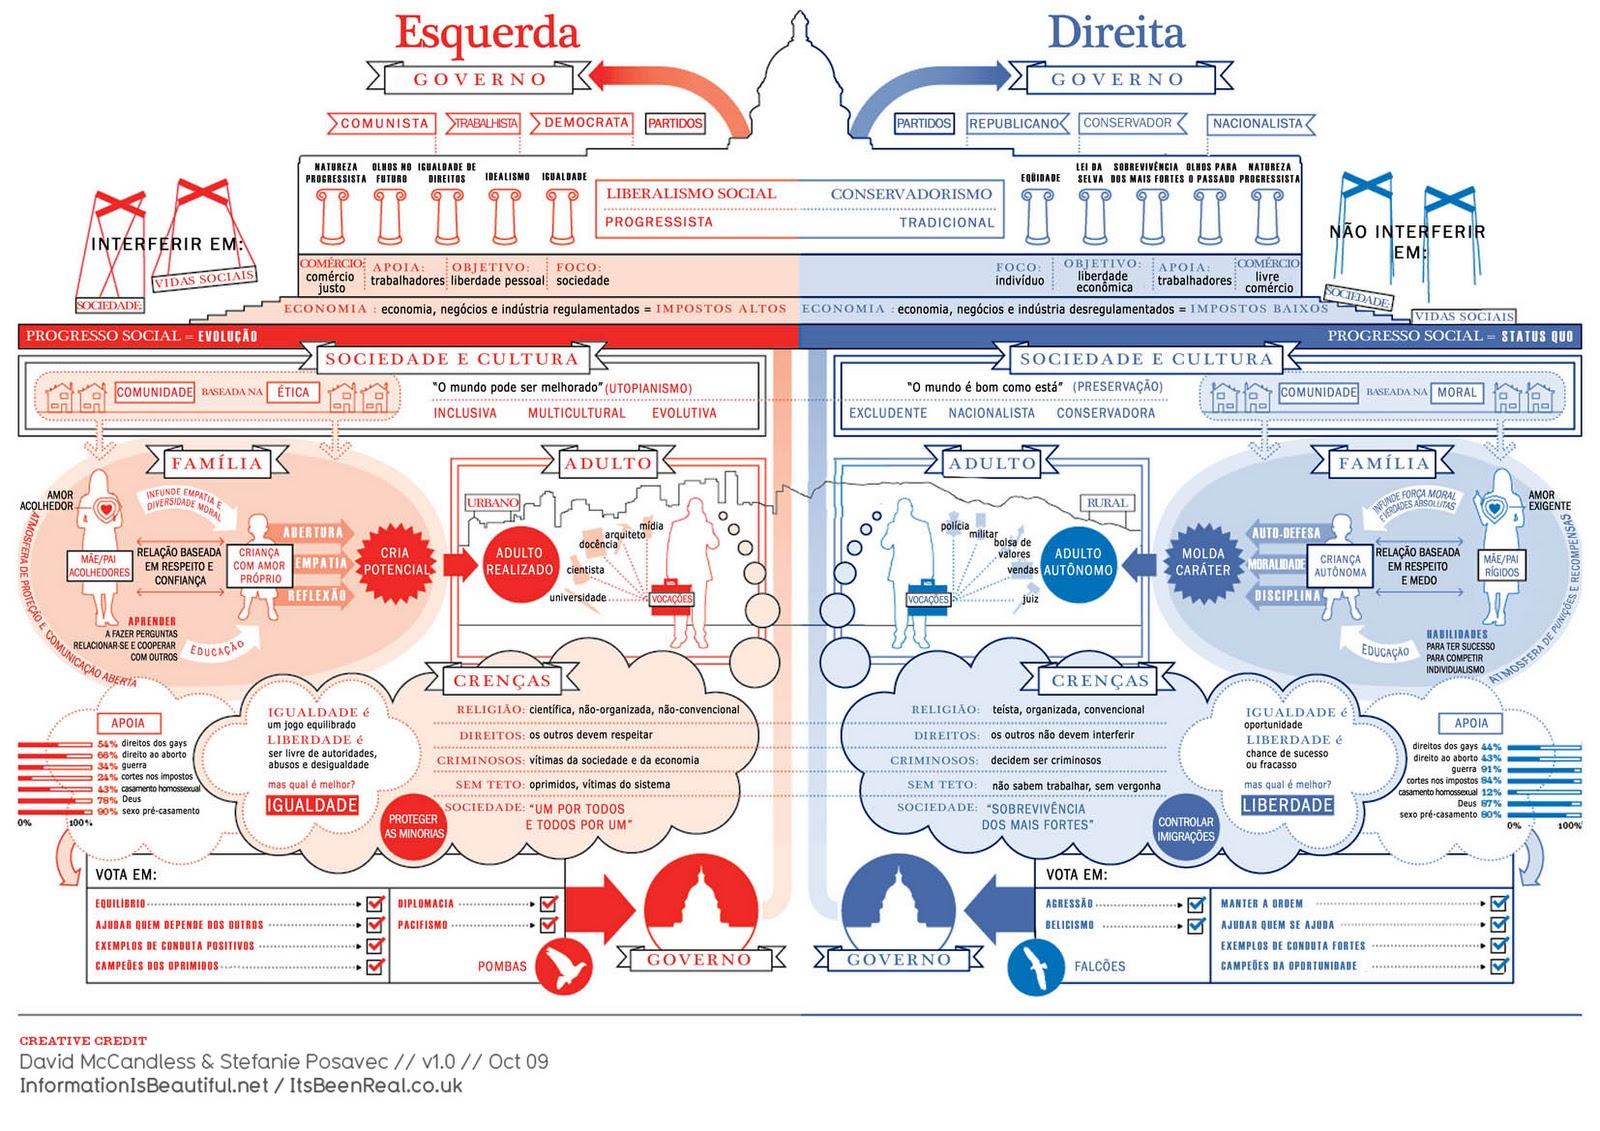 Quadro político americano